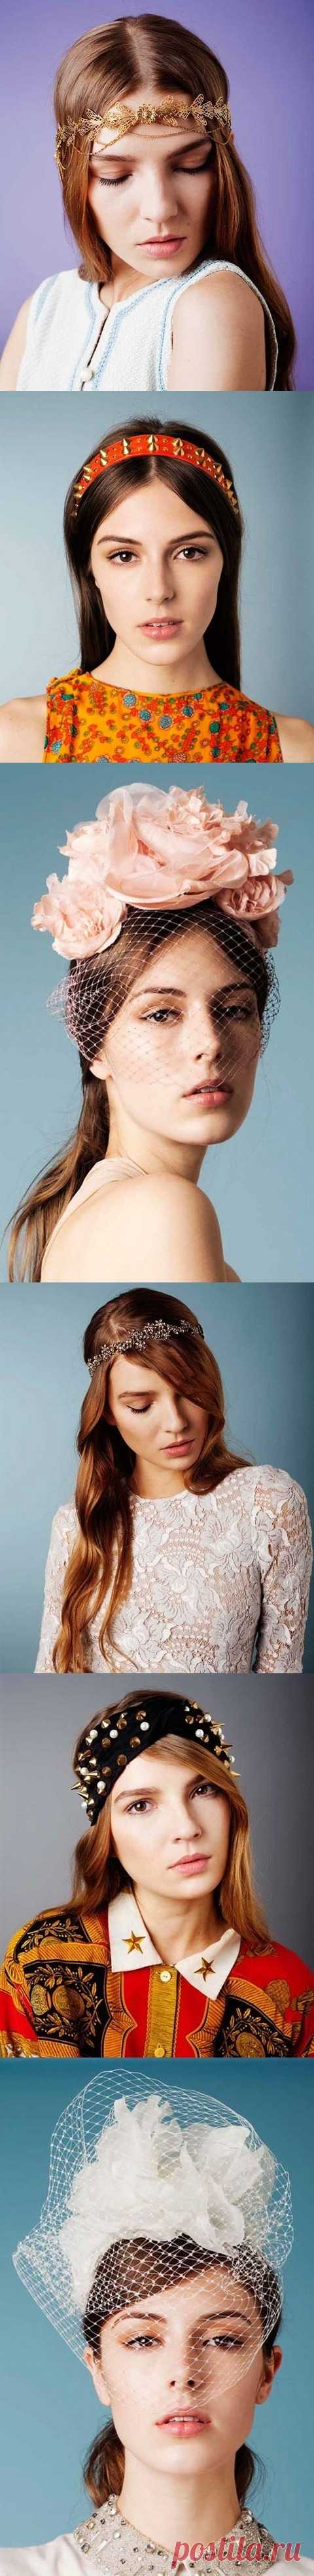 De estilo adornamientos para los cabellos de Jennifer Behr